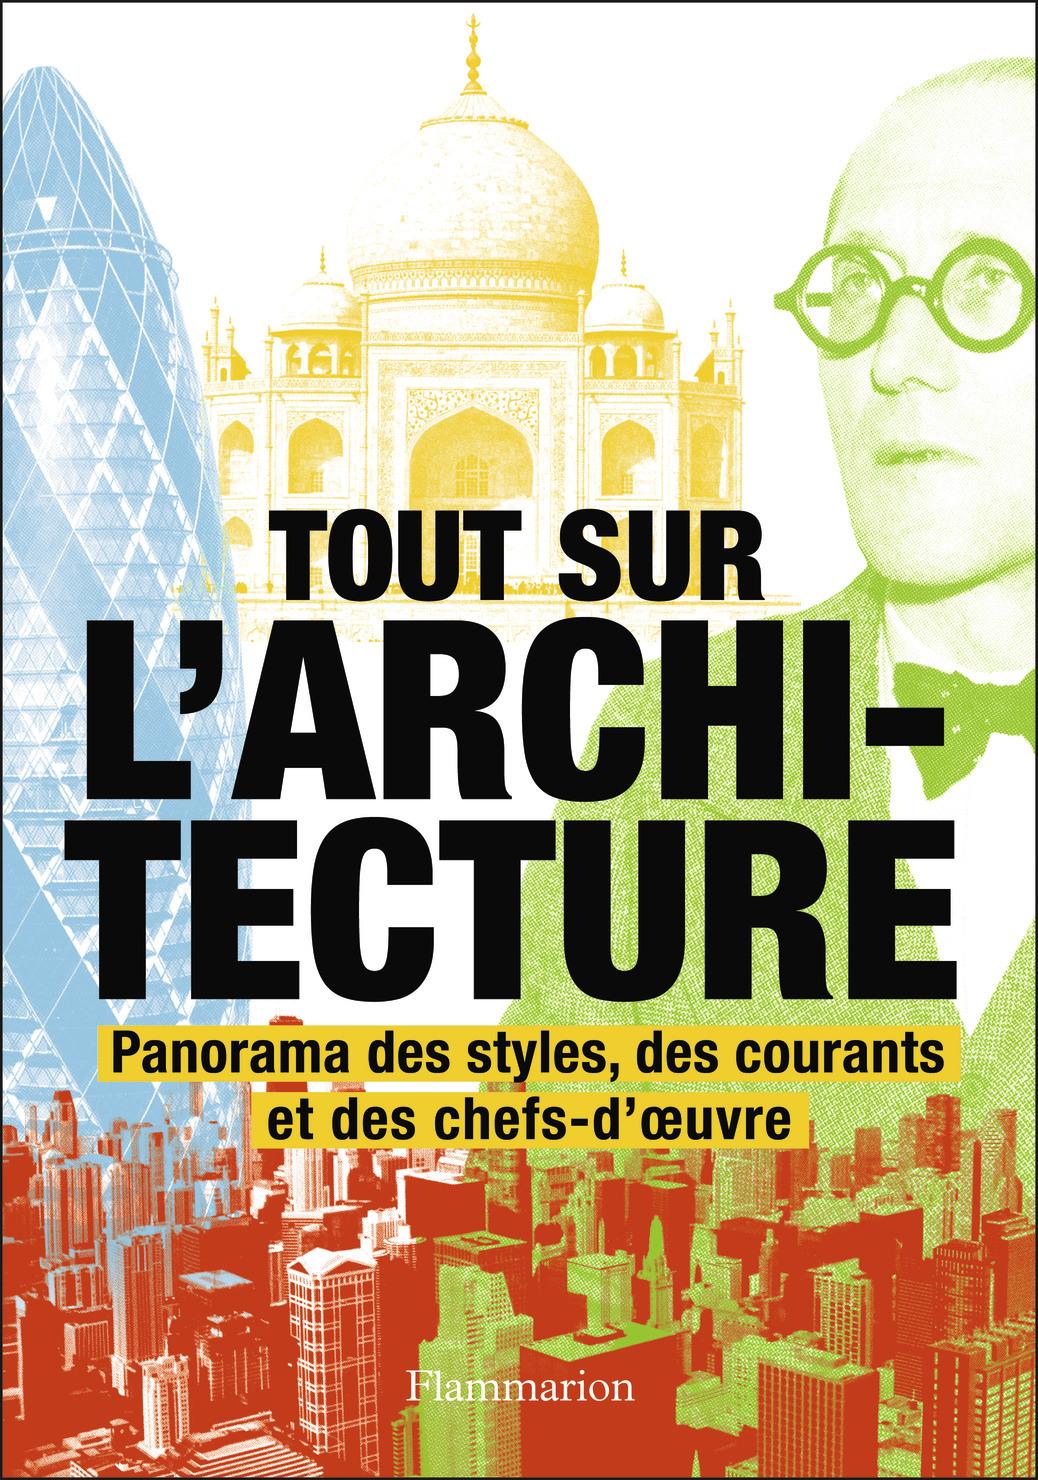 TOUT SUR L'ARCHITECTURE - PANORAMA DES STYLES, DES COURANTS ET DES CHEFS-D'OEUVRE